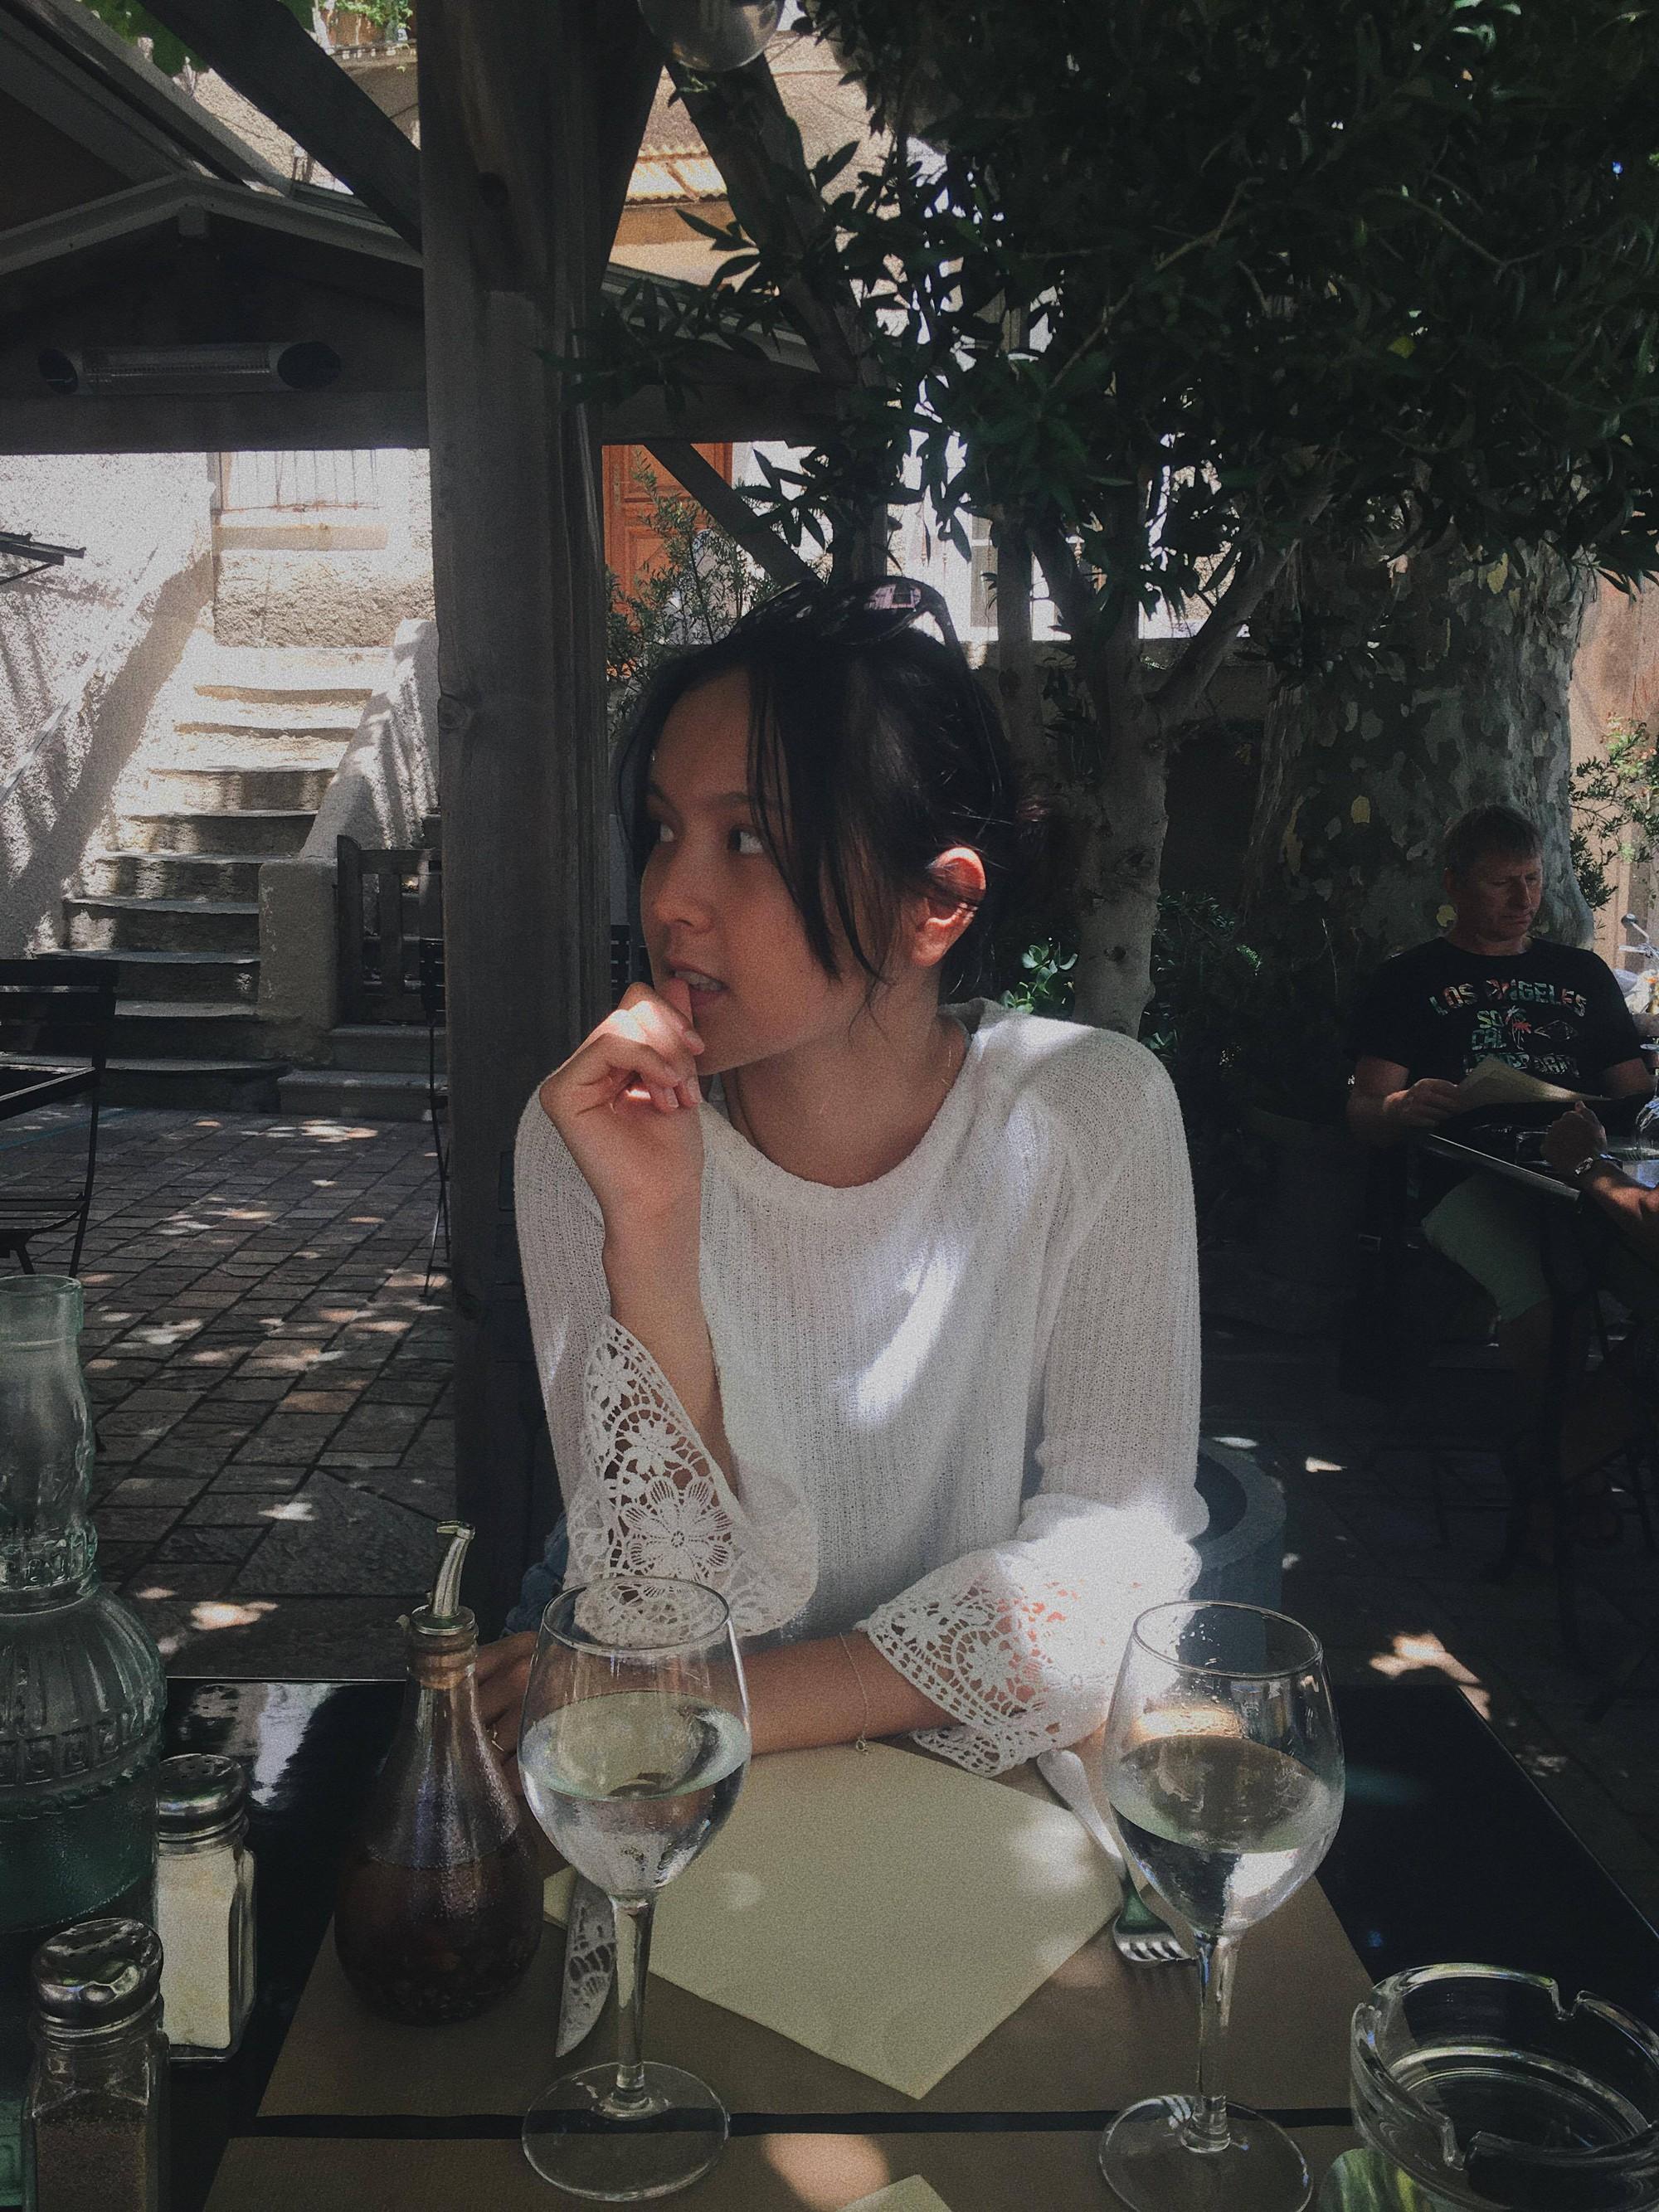 Những chuyến đi châu Âu của hot girl khiến dân tình đứng ngồi không yên vì ảnh đẹp - Ảnh 21.